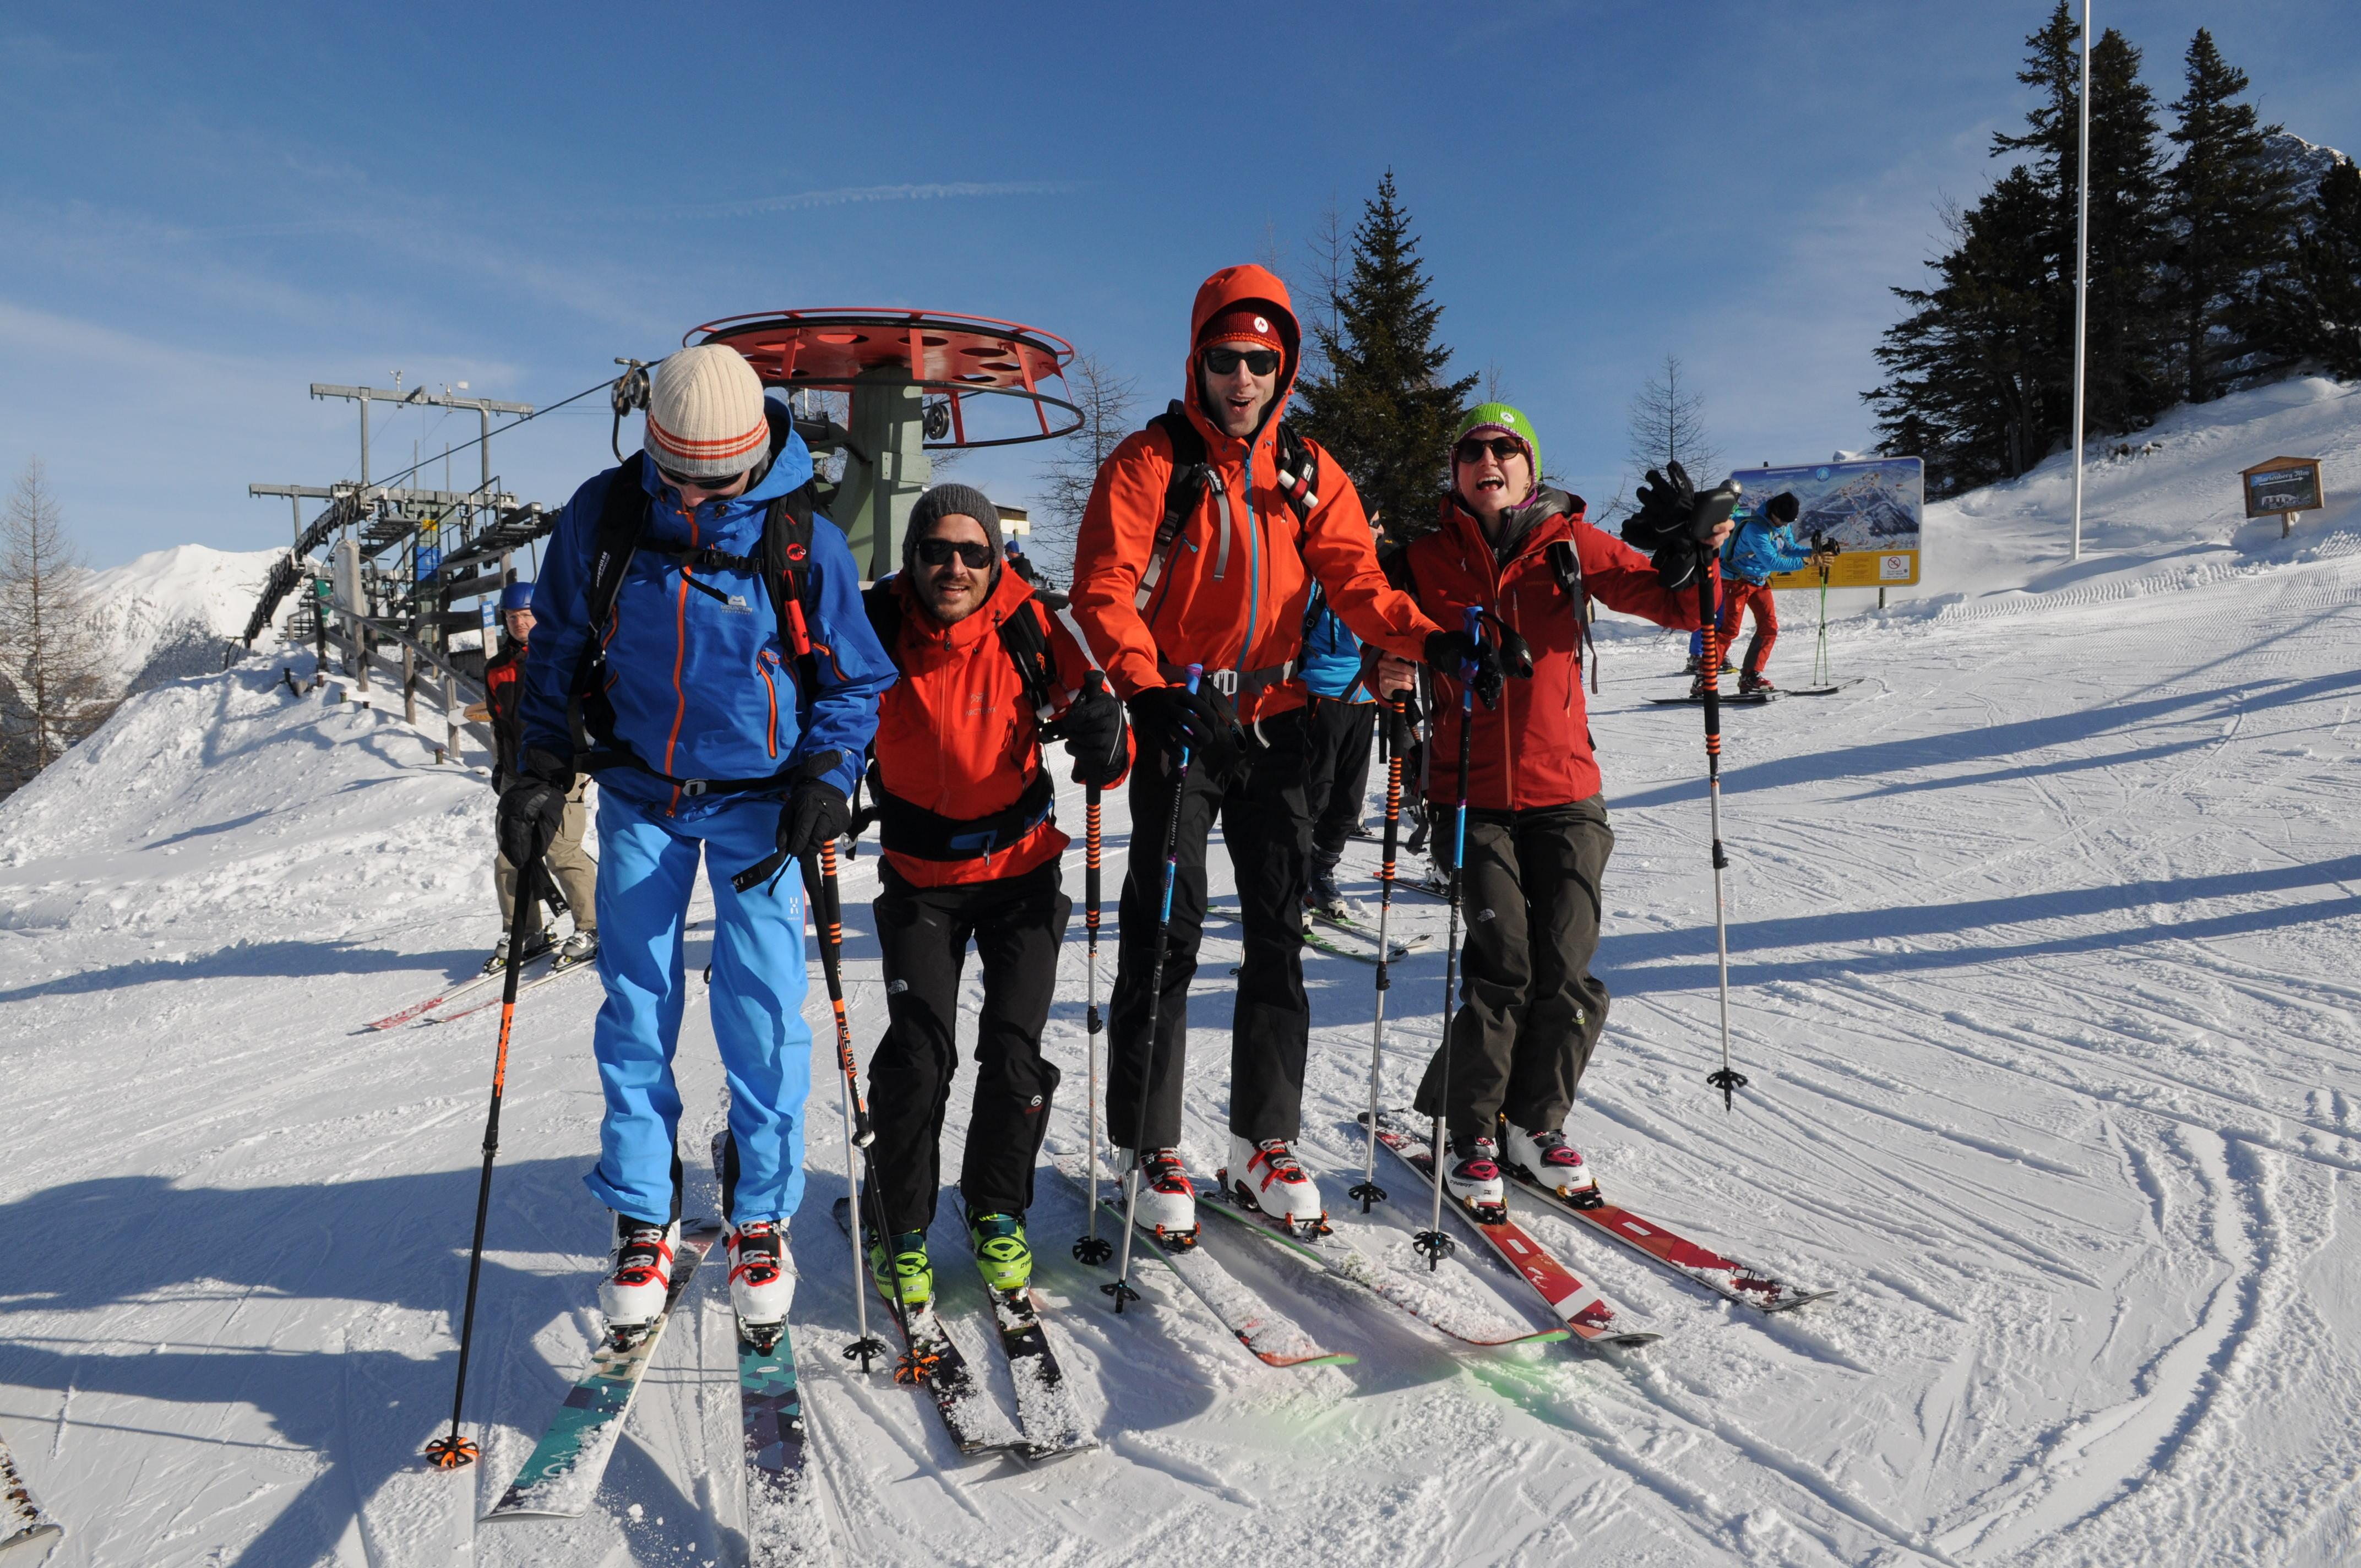 Garmisch Partenkirchen Kletterausrüstung Verleih : Wo kann ich tourenski vor dem kauf auf der piste testen?